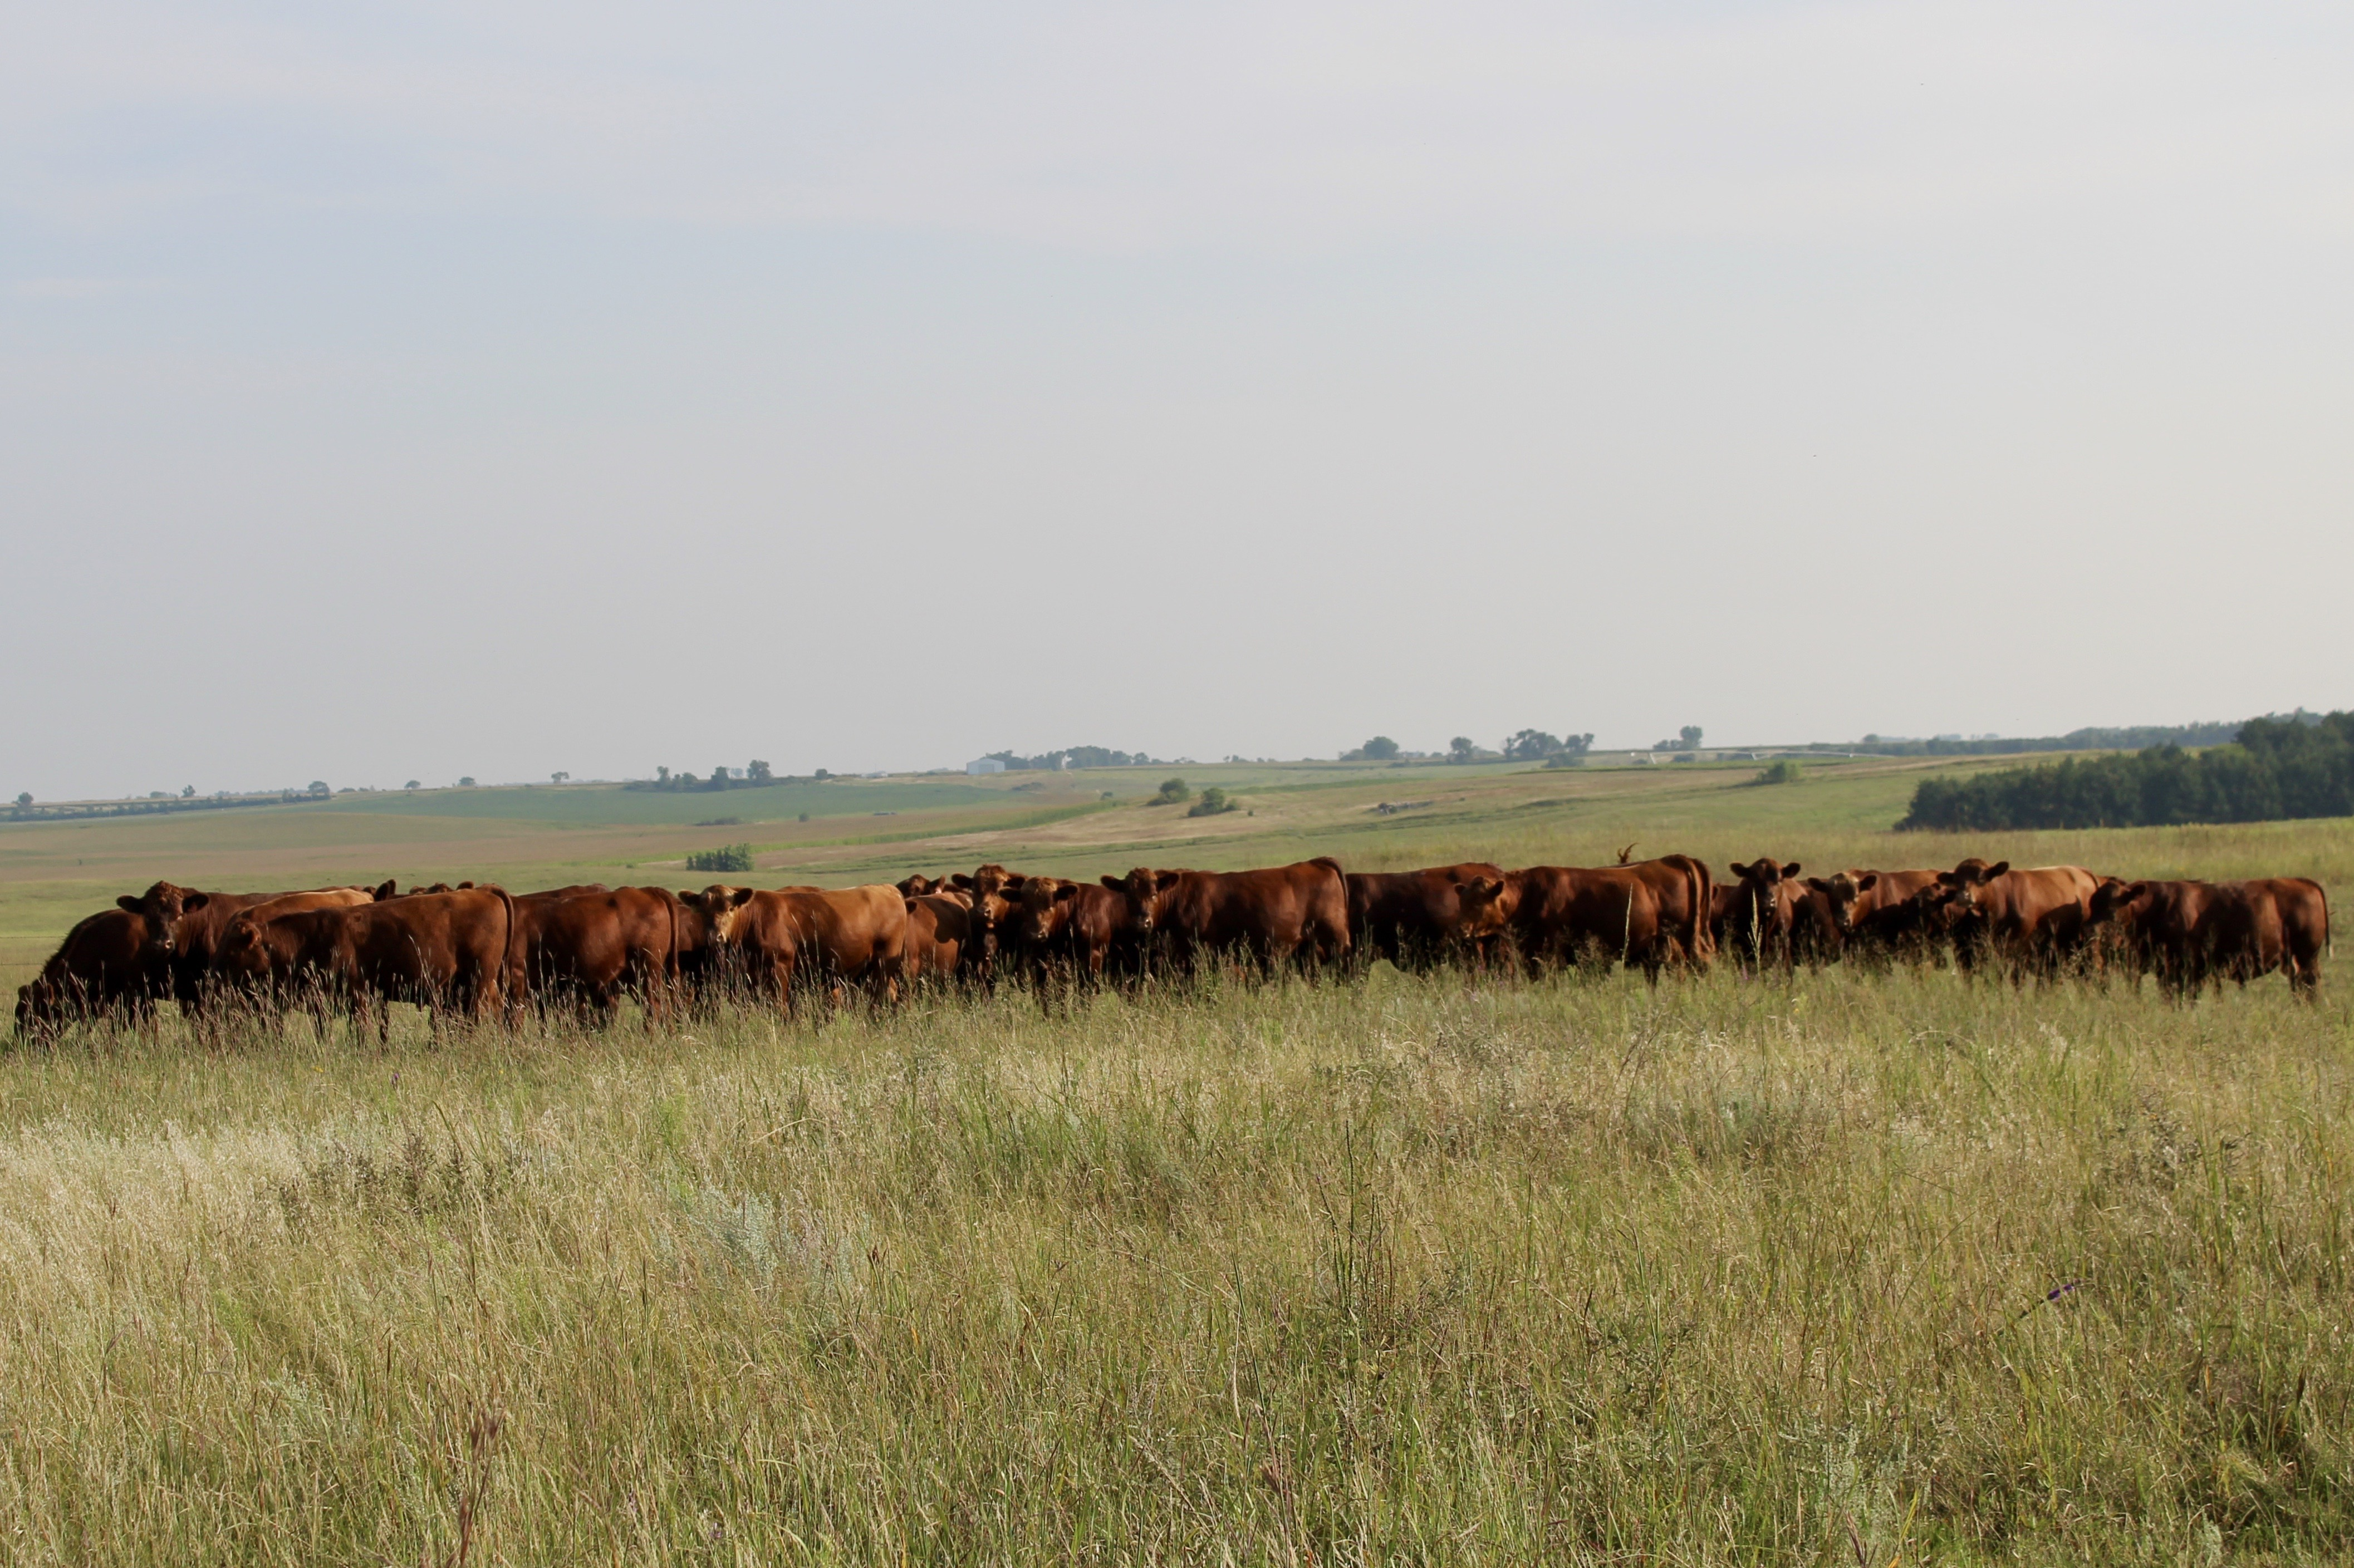 Orton Cattle